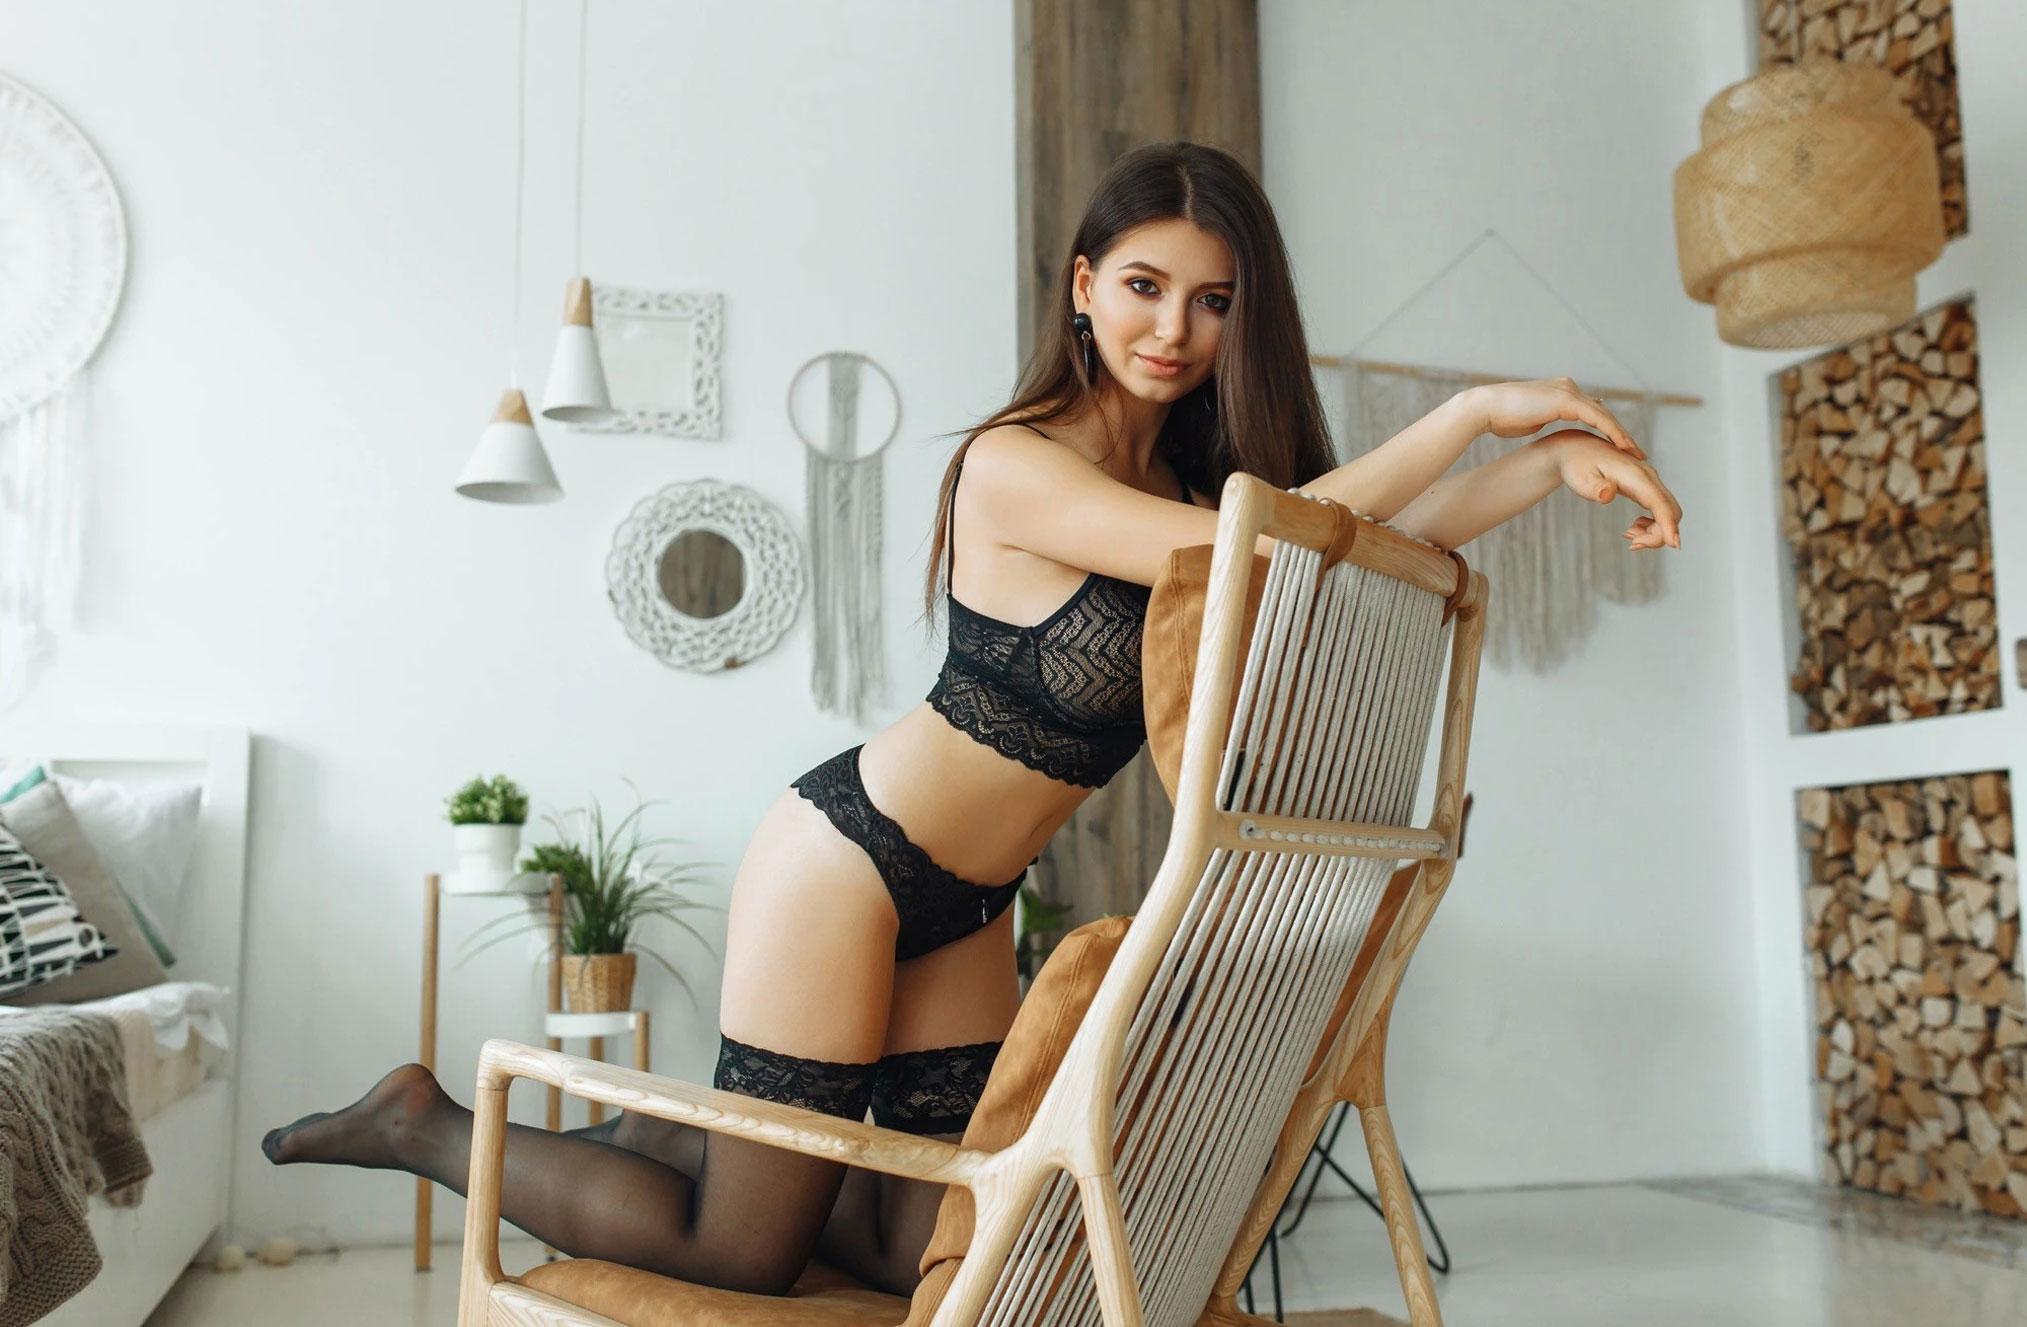 Наталья Андрейчук в черном нижнем белье / фото 03